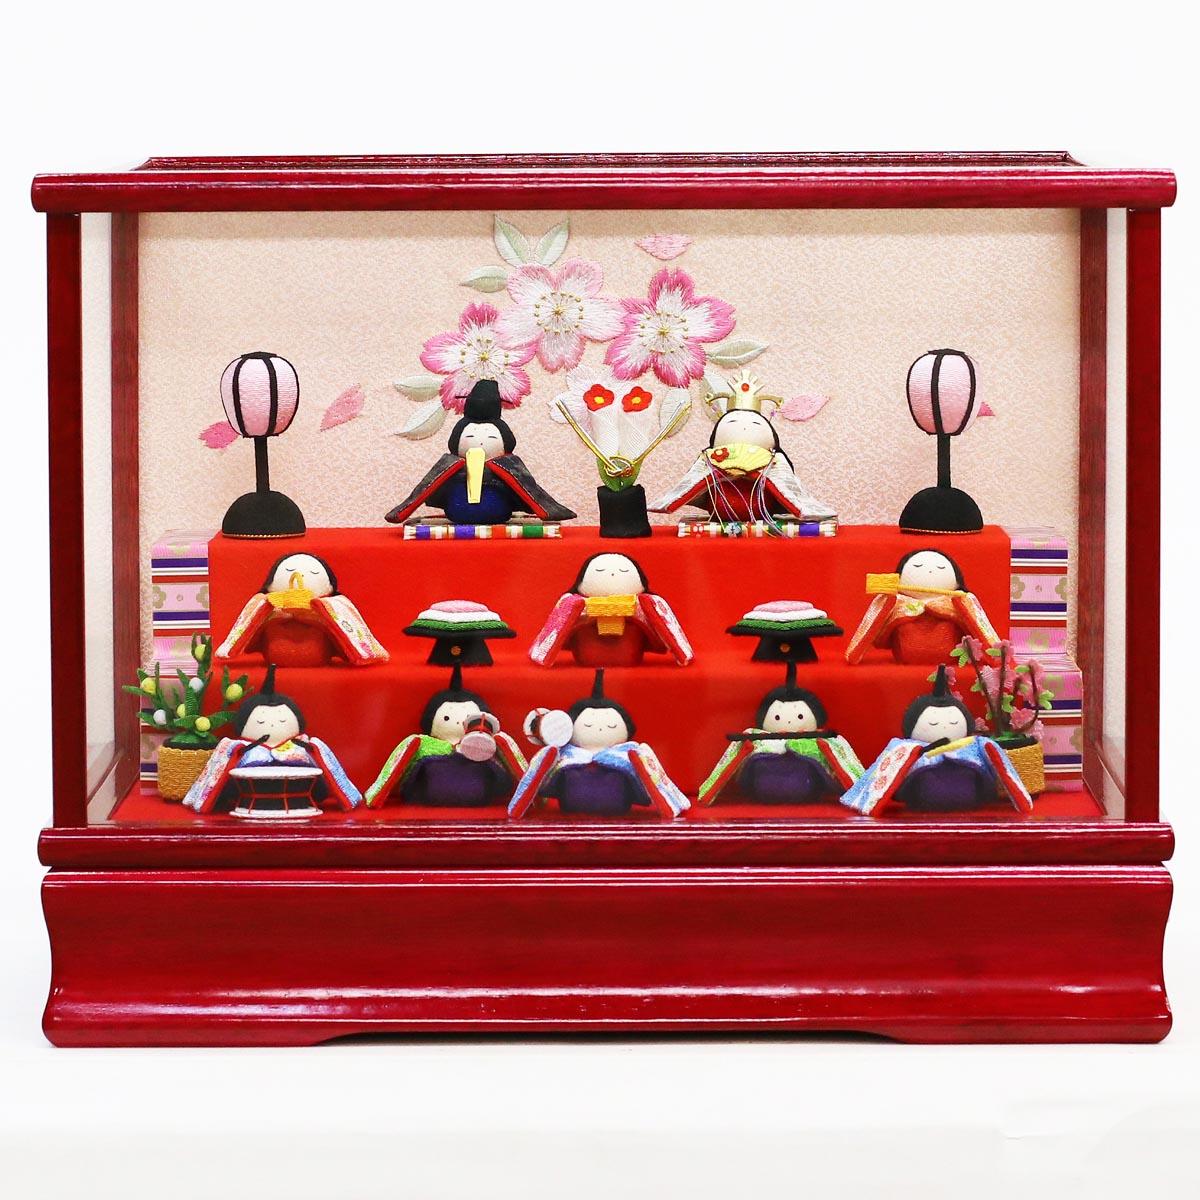 【あす楽_etc】 雛人形 リュウコドウ コンパクト ちりめん雛 プレミアムわらべ雛 10人揃い オルゴール付きケース飾り 赤 雛人形 HNRK-MRT-C (BE1-344 303R)ひな人形 かわいい 雛 ひな人形 小さい ミニ